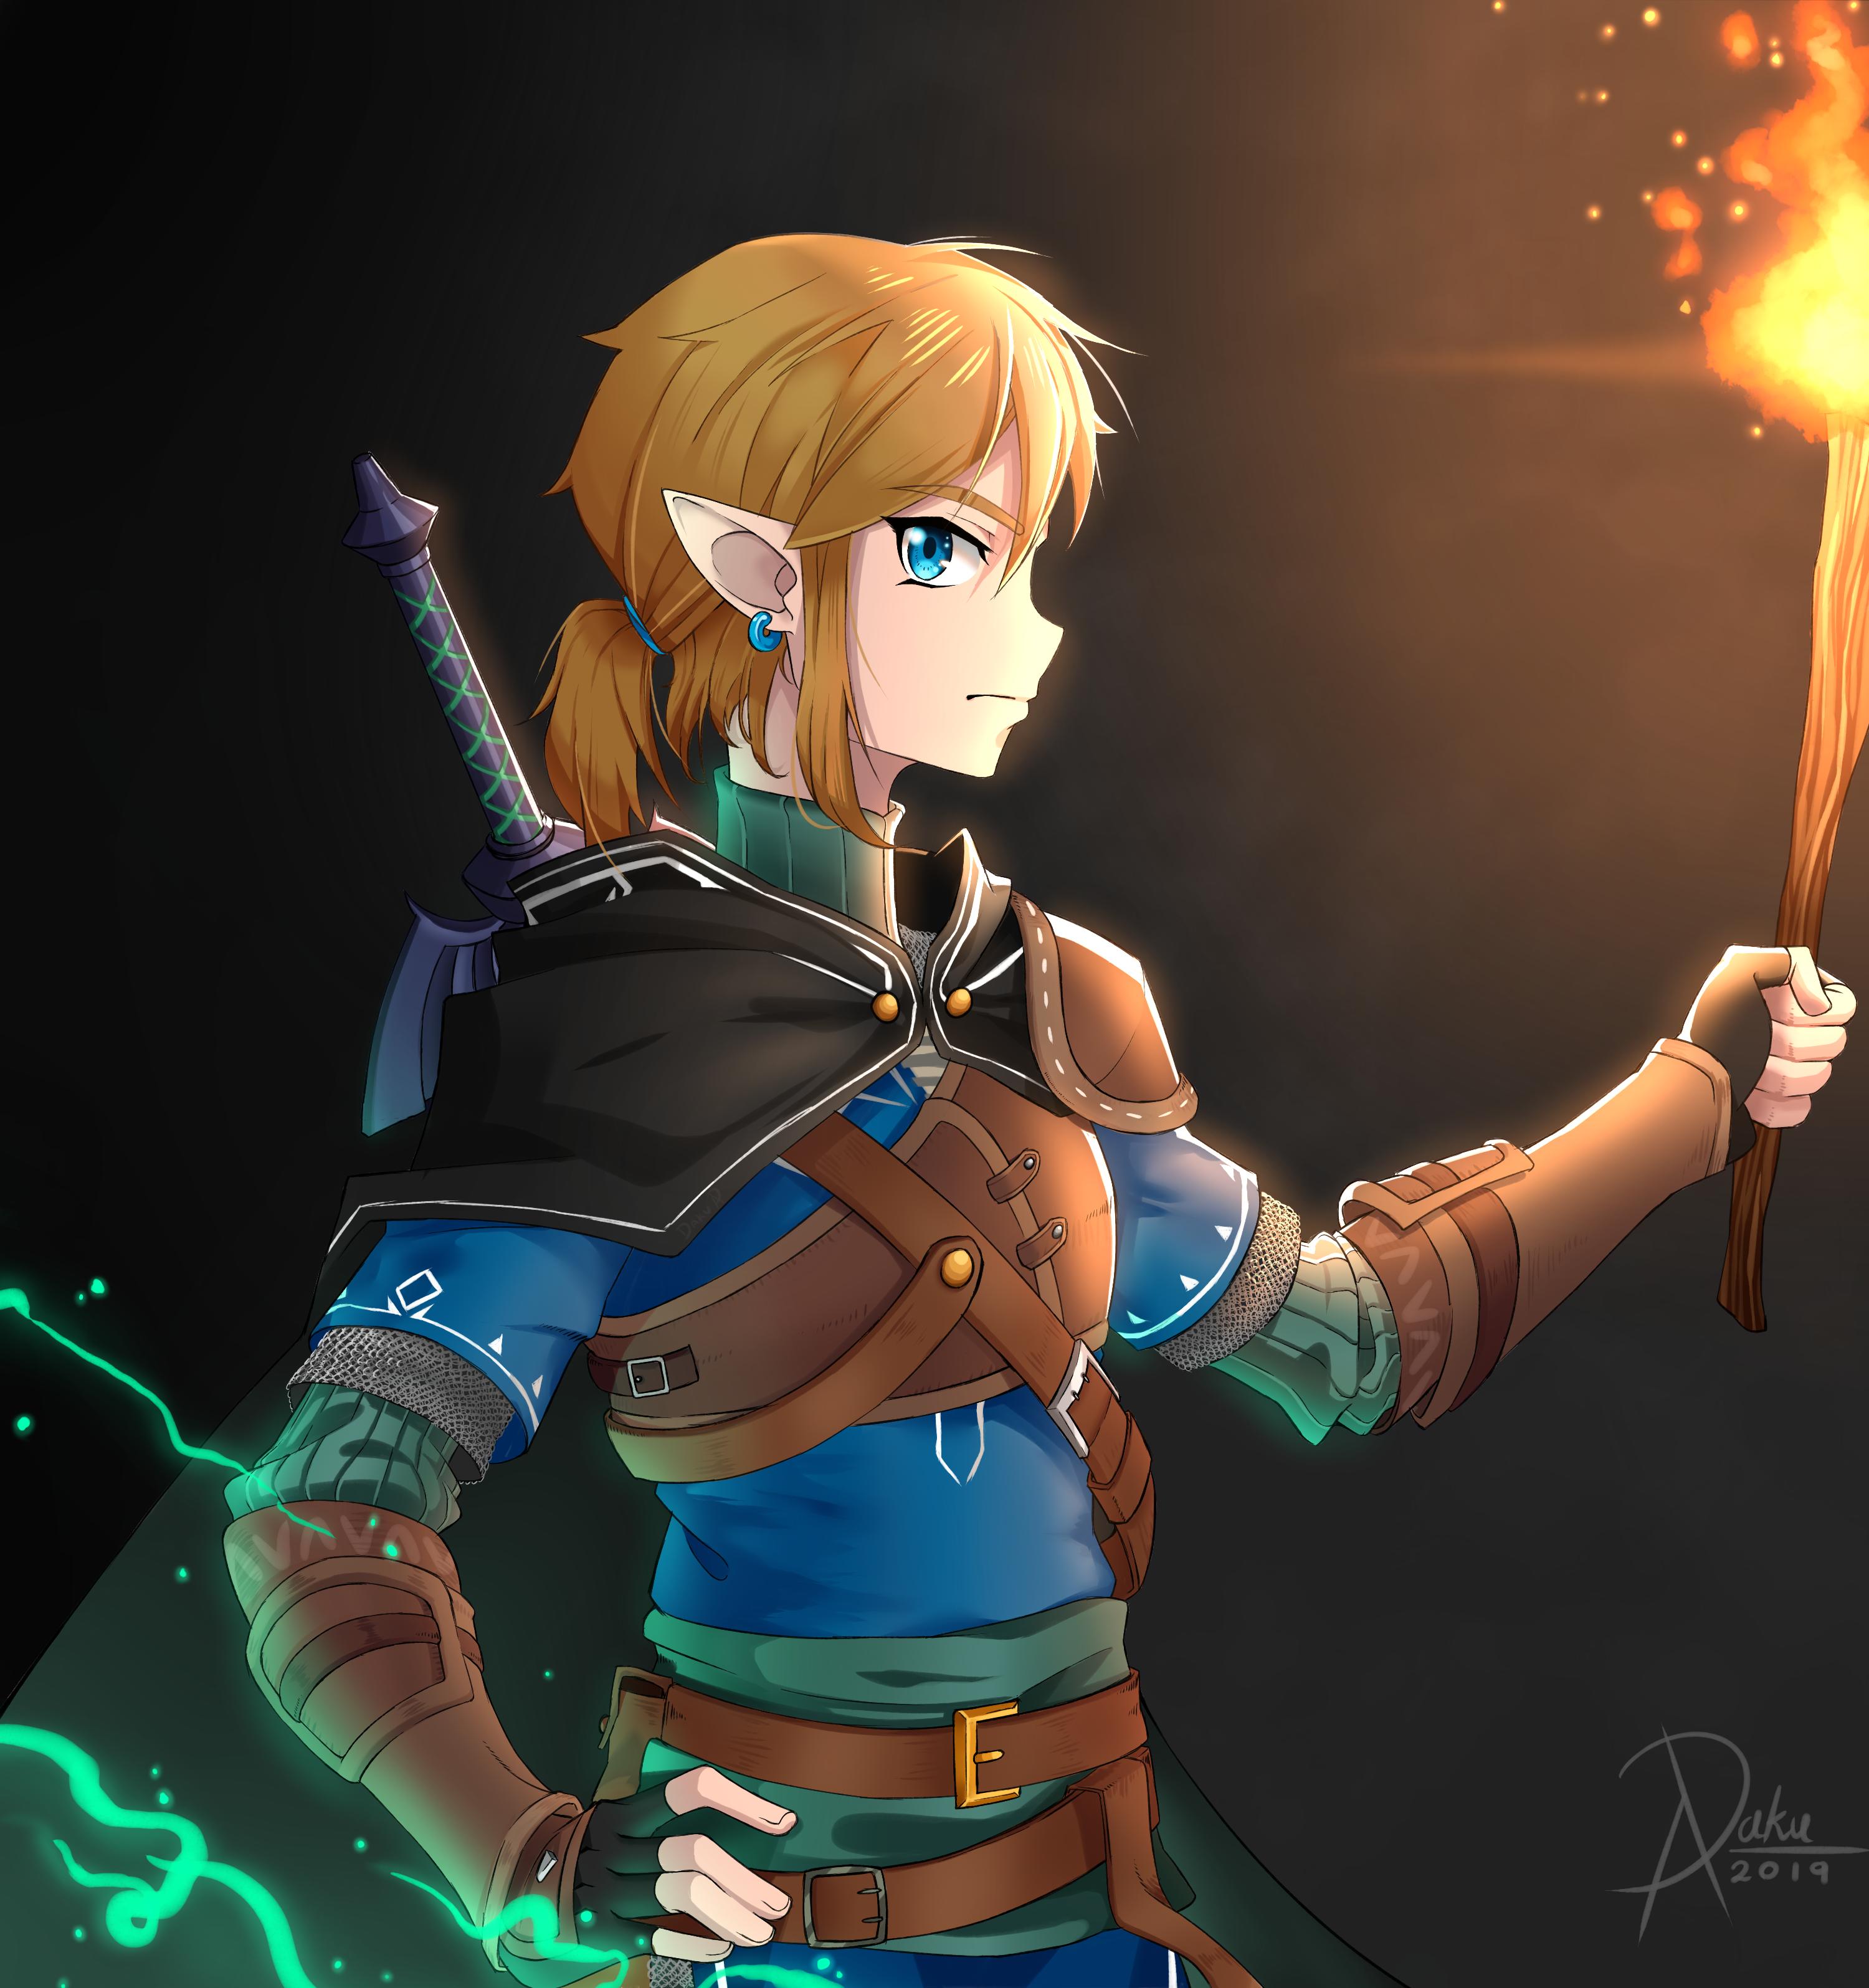 Botw2 Oc I Think I Ve Never Been So Hyped Before Have A Link Legend Of Zelda Legend Of Zelda Breath Zelda Cosplay